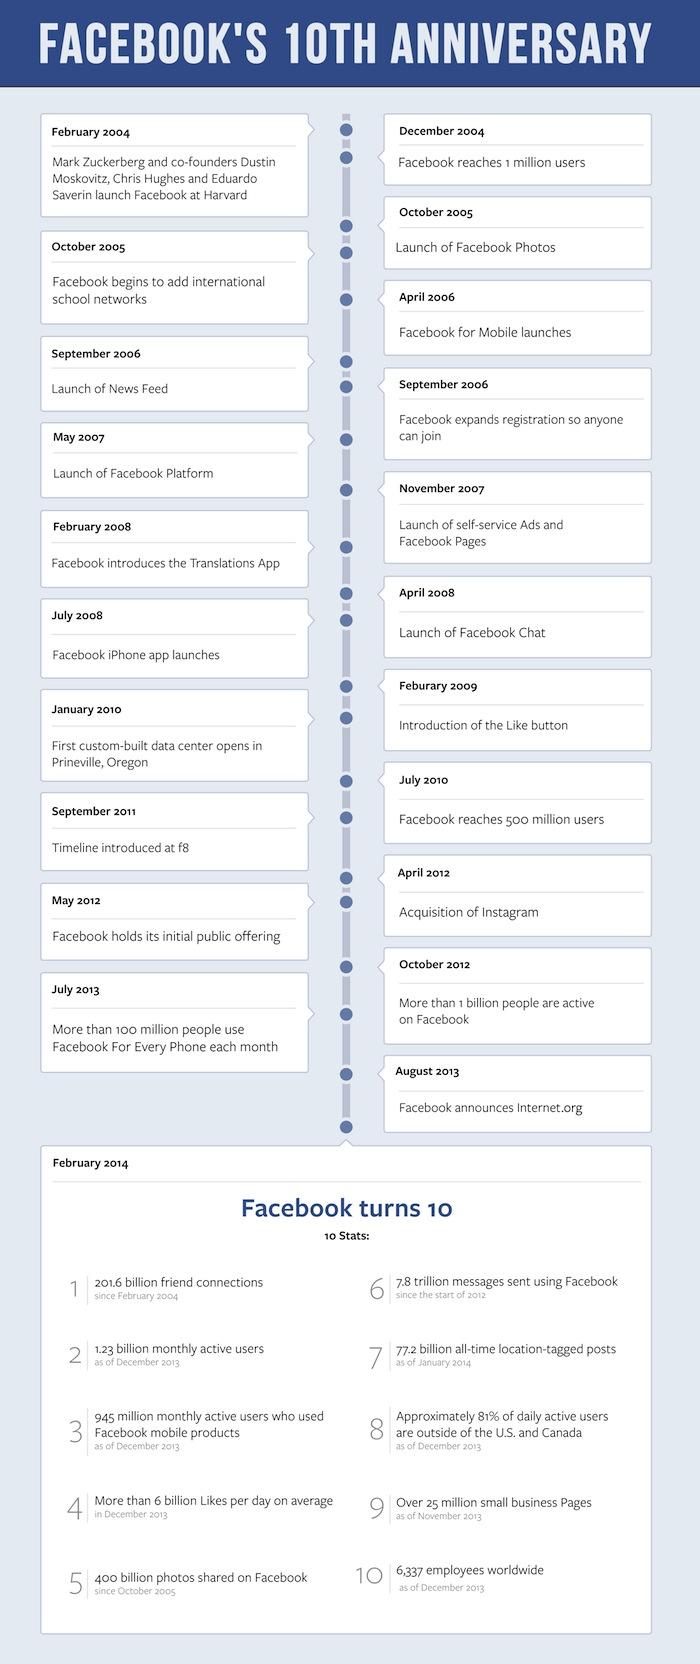 Facebook 10th Timeline- Images courtesy of Facebook.